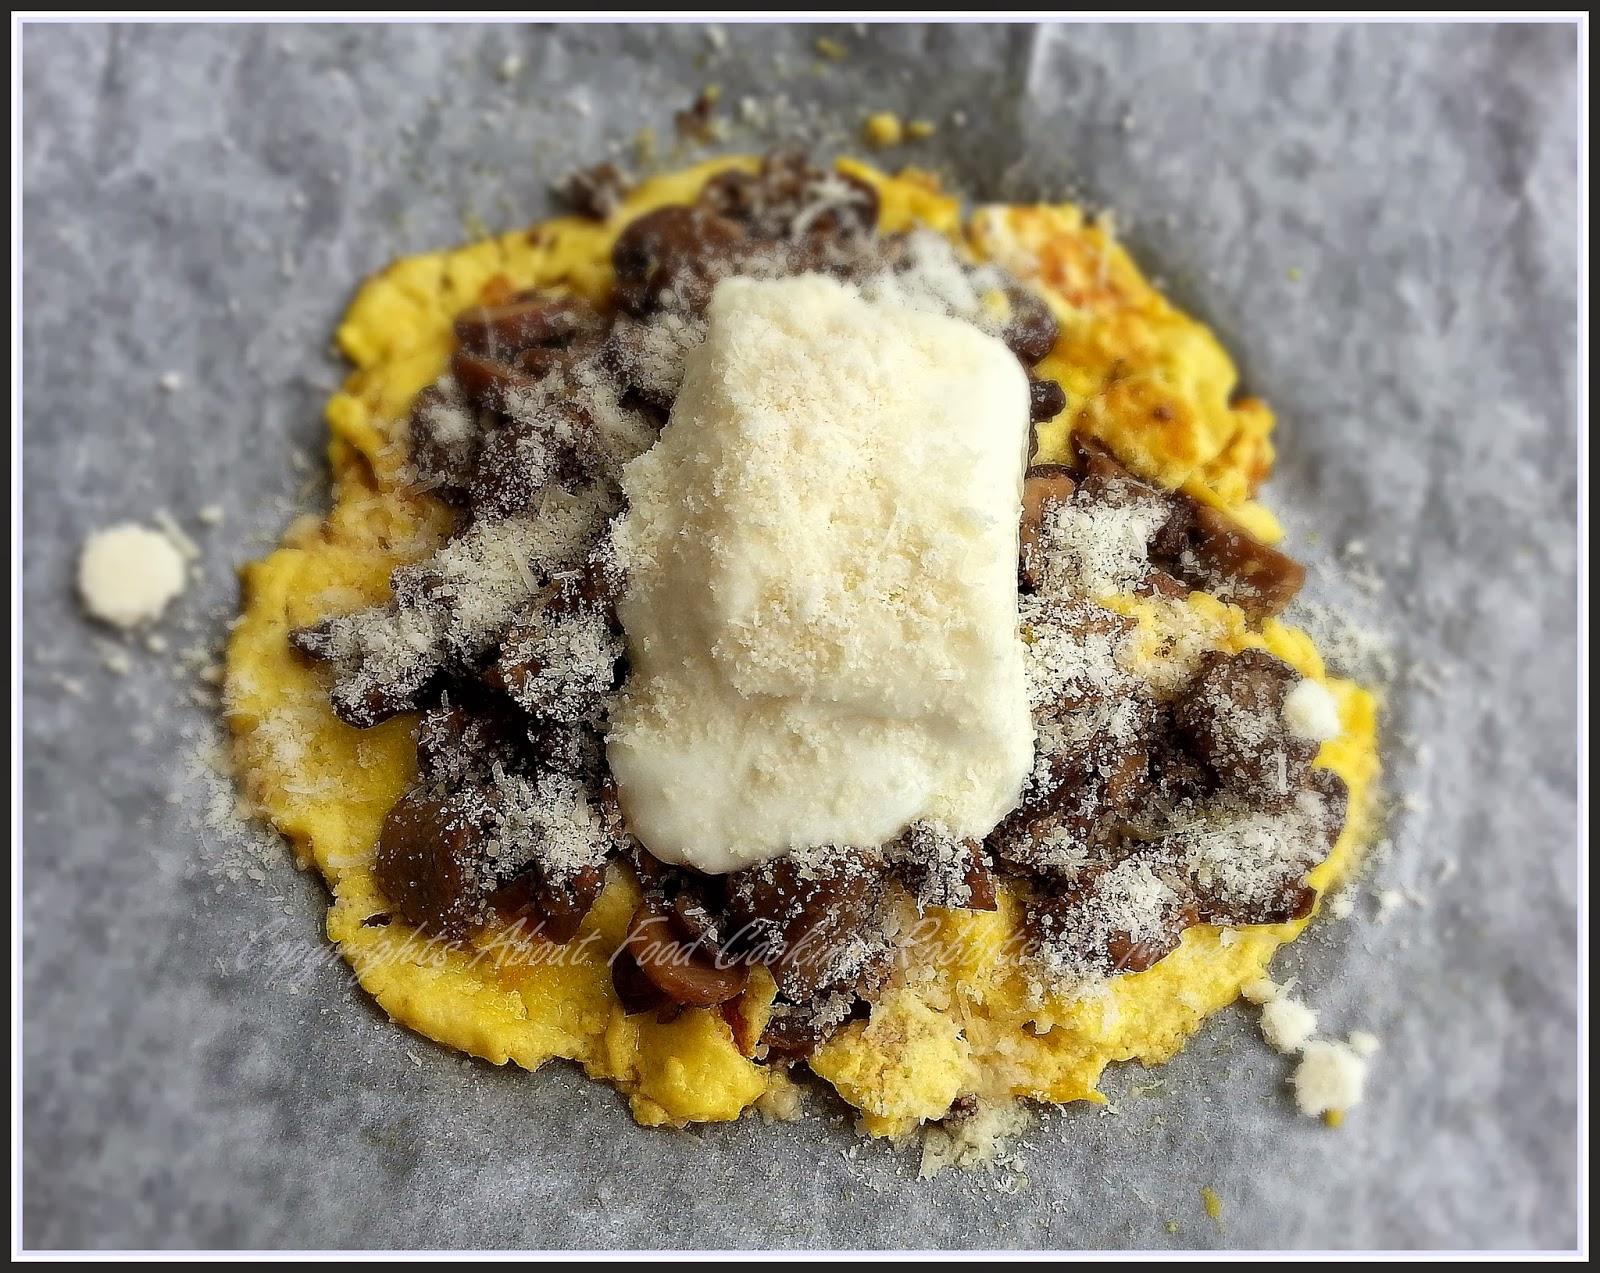 Frittatina al Parmigiano con Funghi e Panetto di Robiola al Forno